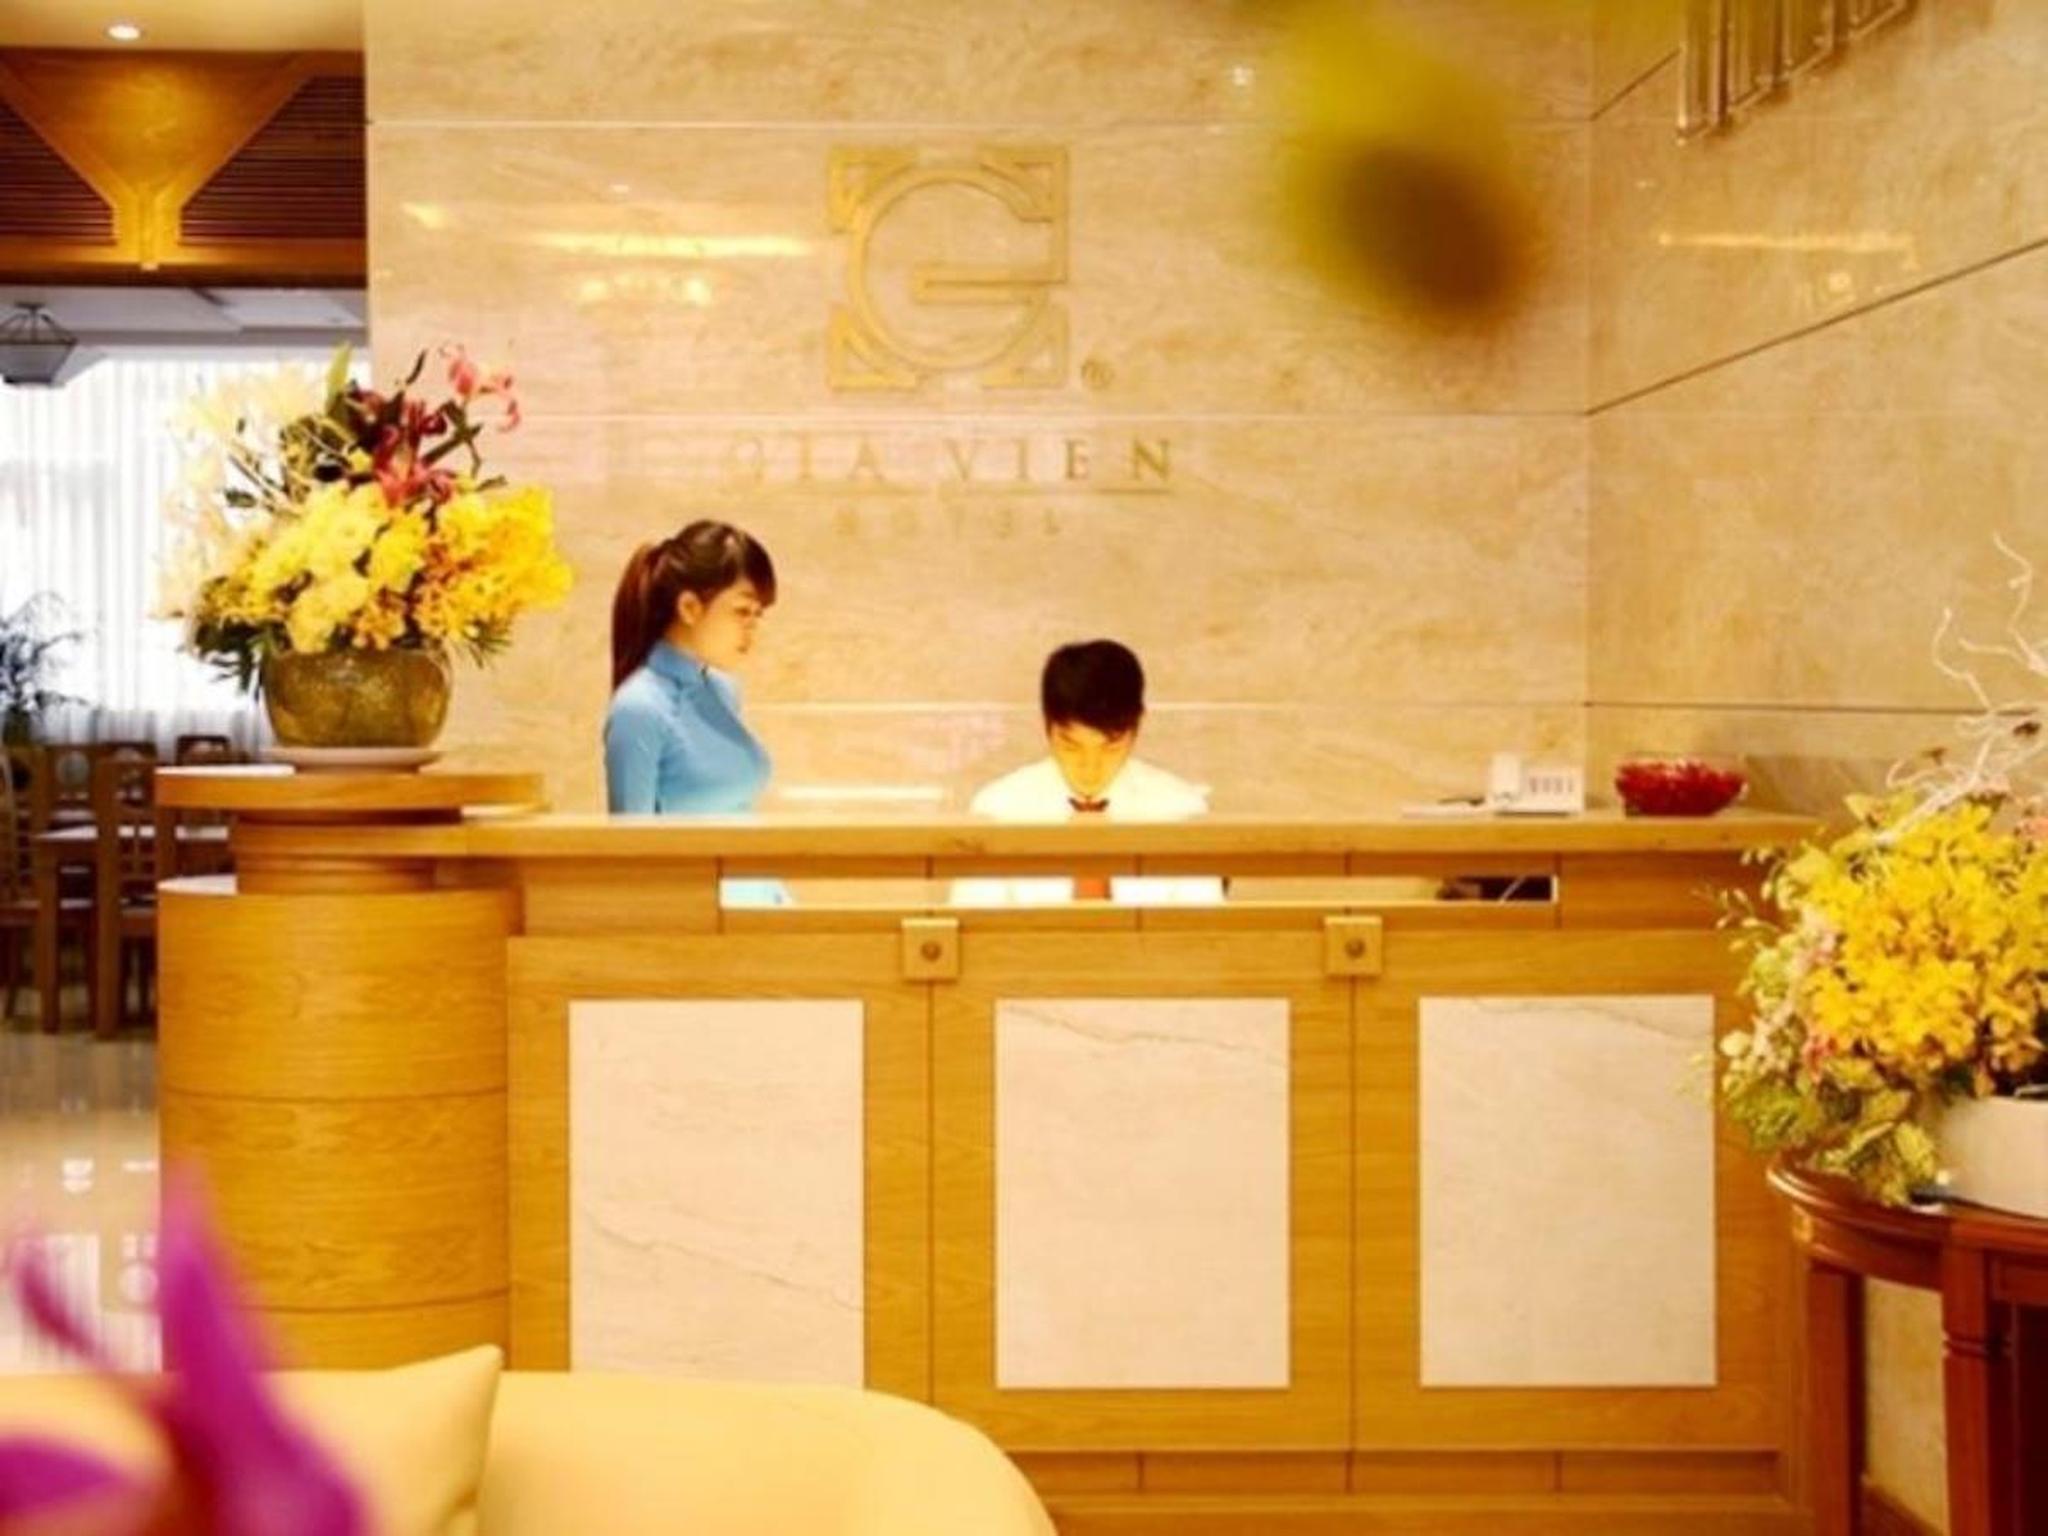 Khách Sạn Gia Viên Hồ Chí Minh